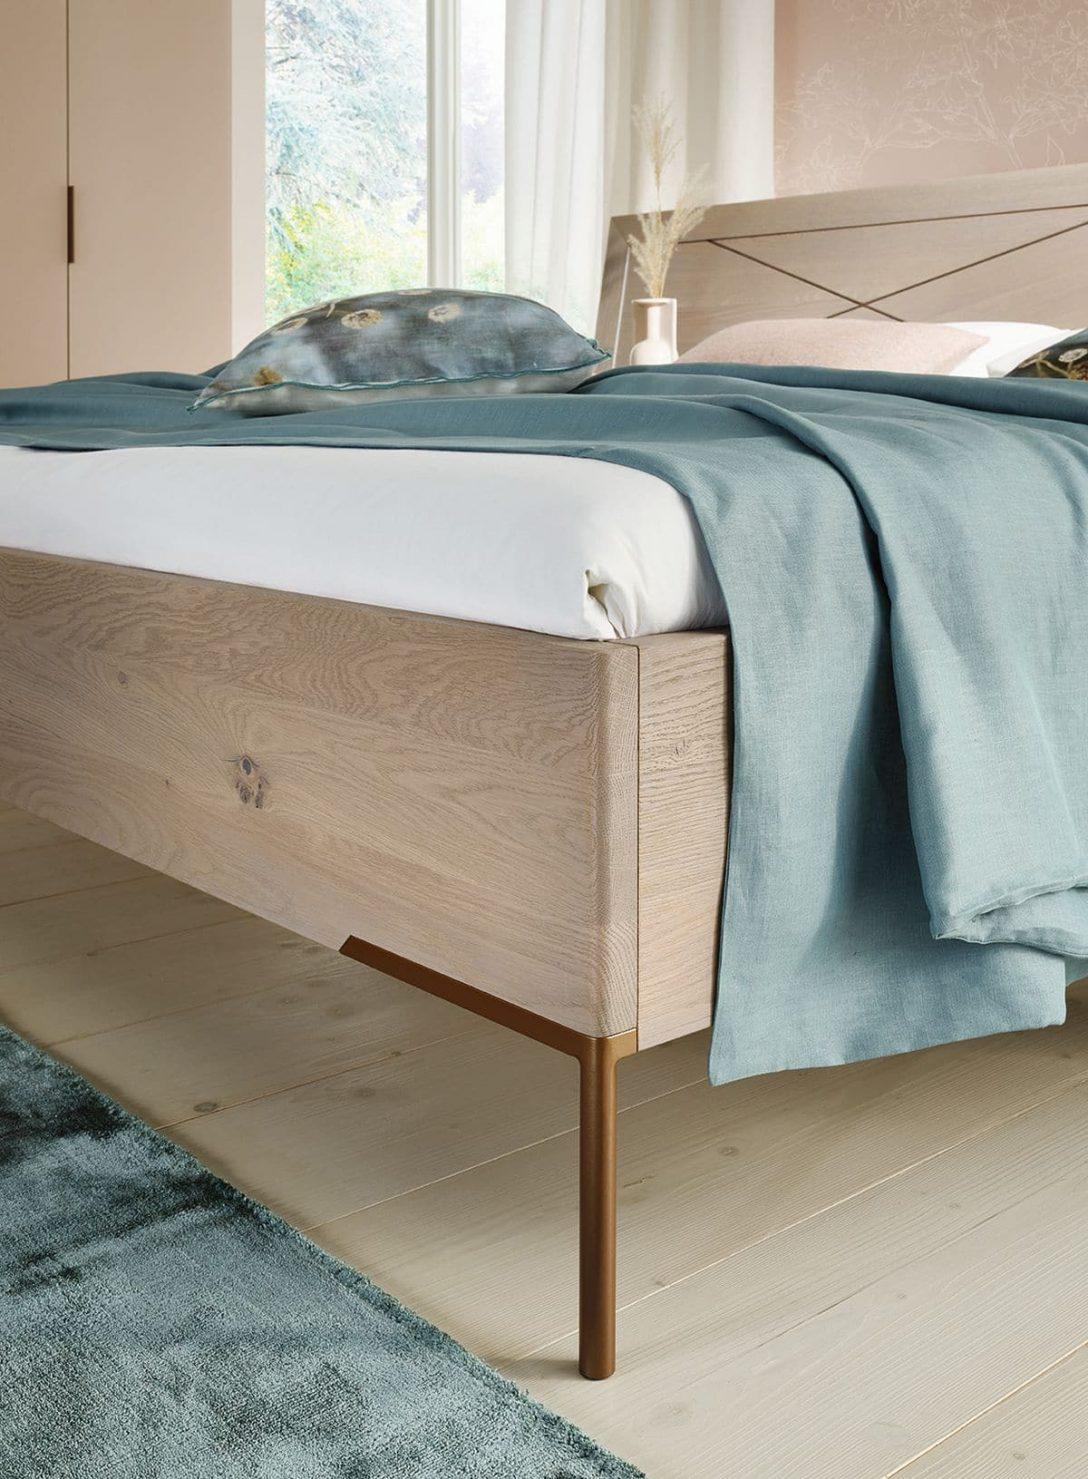 Large Size of Ausgefallene Betten Schlafzimmer Leno Hartmann Naturmbel Designer Günstige Bei Ikea Nolte Billerbeck Münster Günstig Kaufen 180x200 Luxus Test Ebay Flexa Bett Ausgefallene Betten